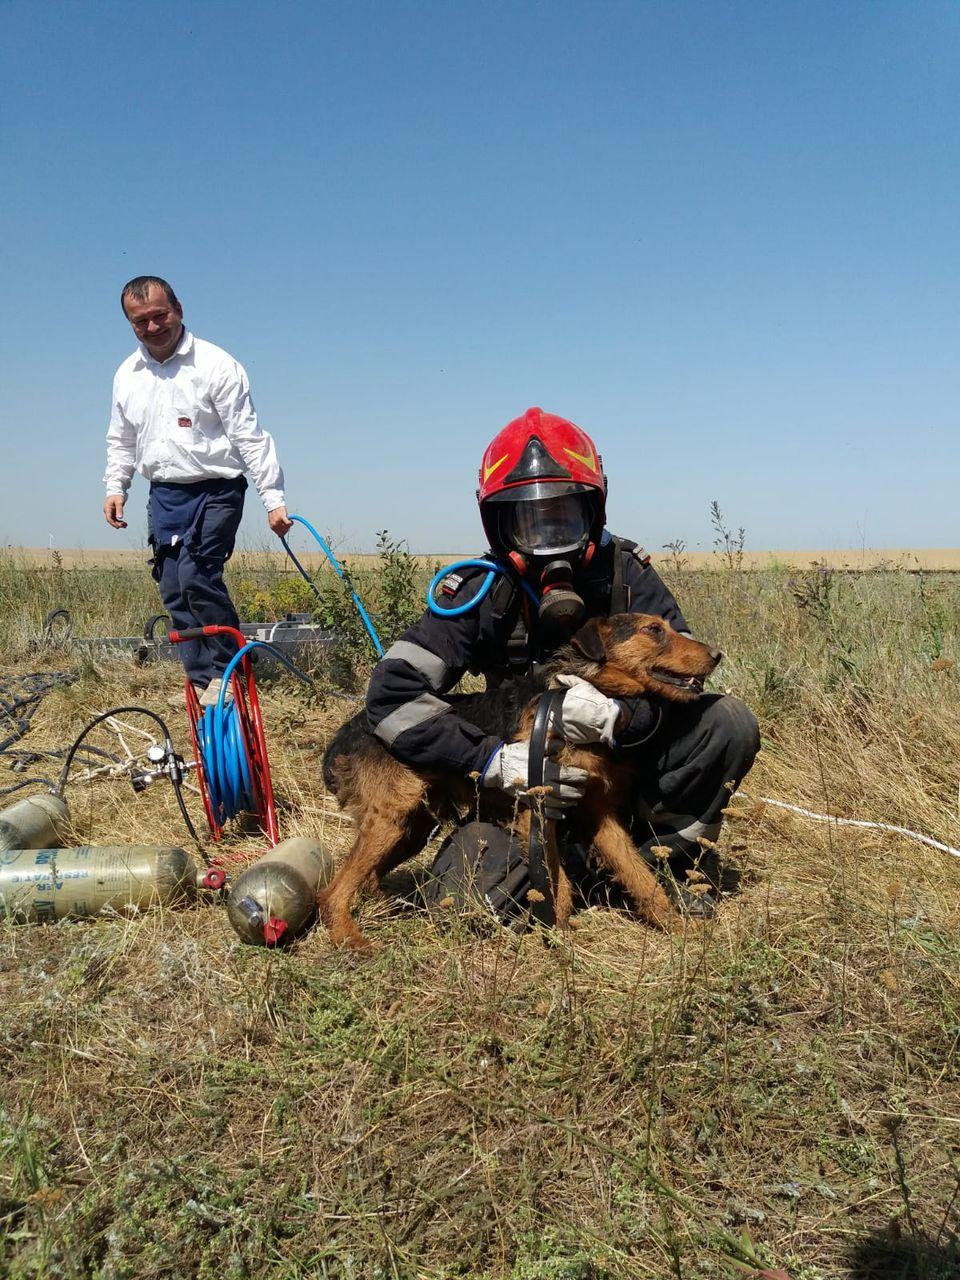 Misiune grea pentru pompierii din Medgidia! Un cățel a căzut într-o fântână adâncă de 20 de metri! Imagini emoționante